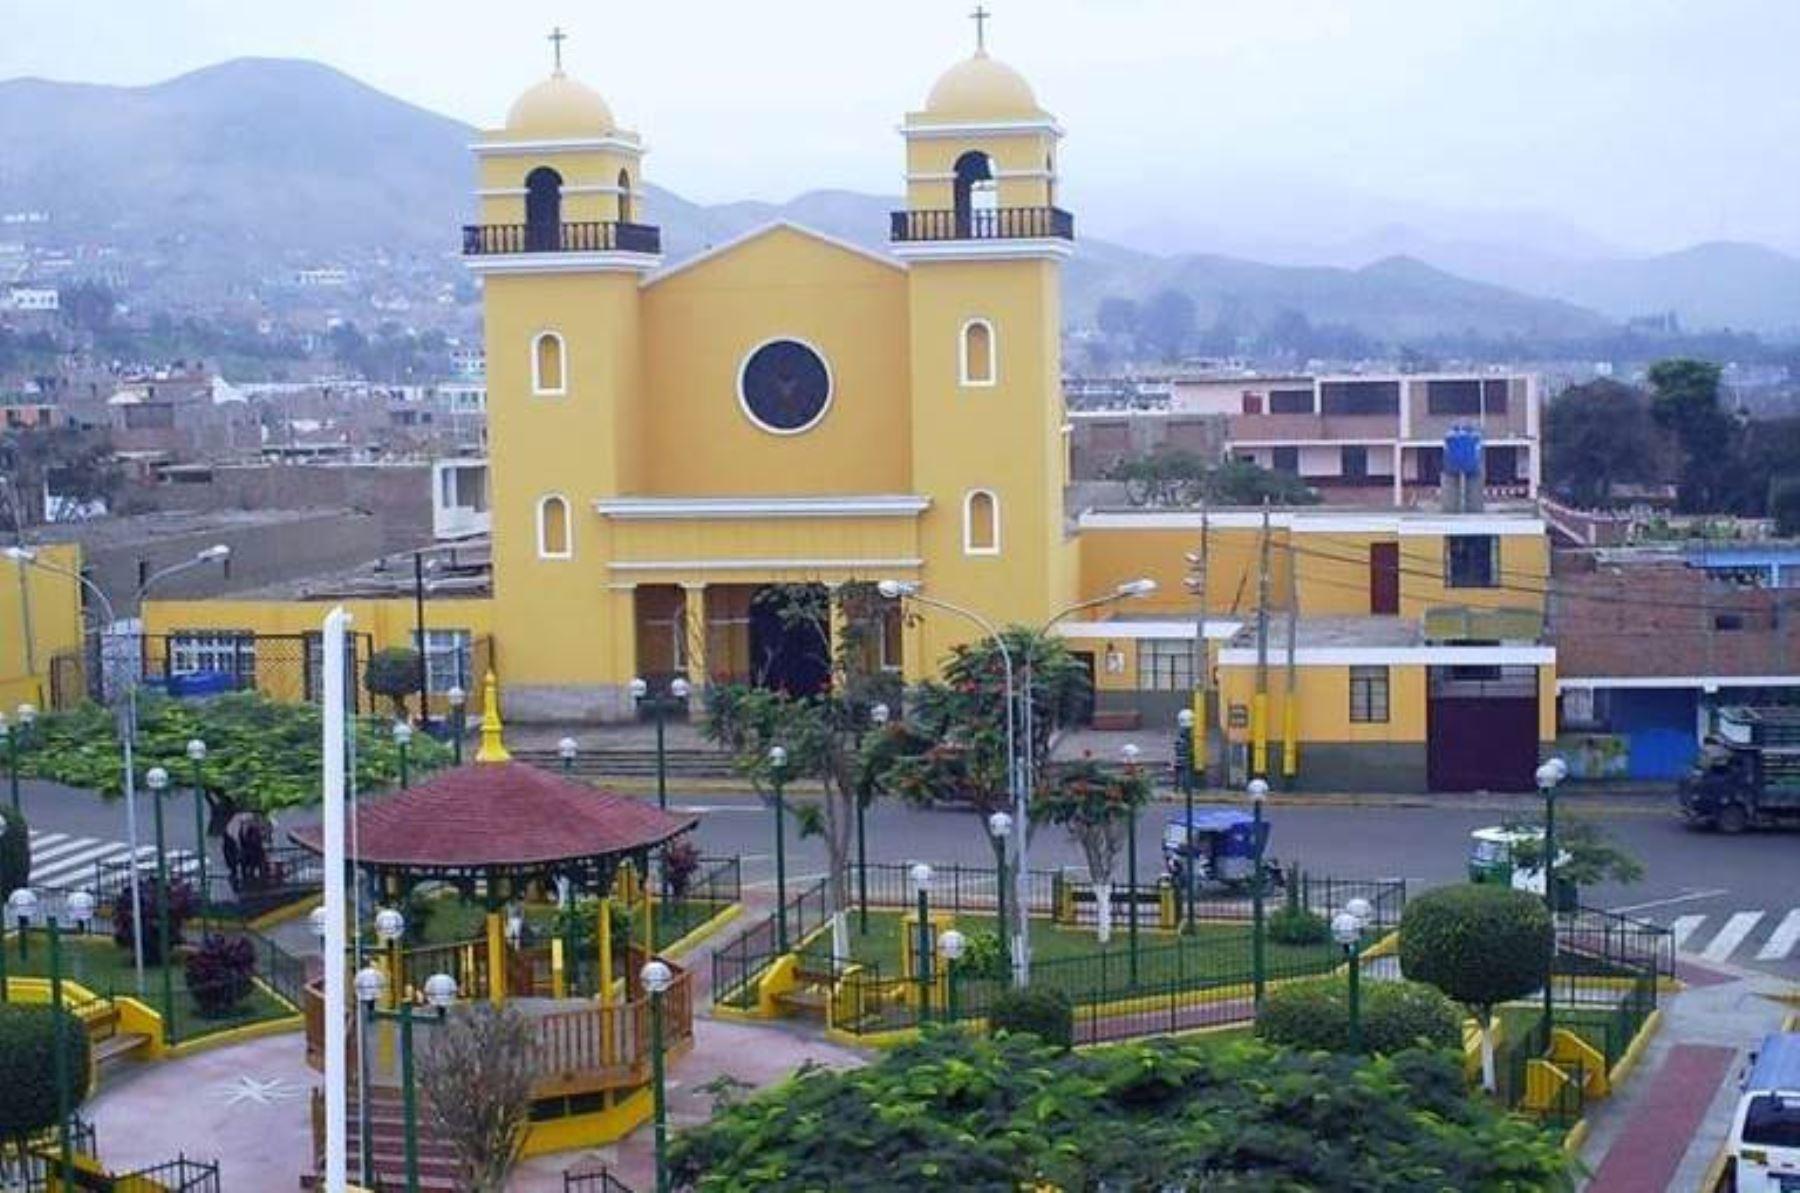 El distrito de Mala, en Cañete, fue la zona urbana más afectada por el sismo de magnitud 6.0 registrado anoche. ANDINA/Difusión